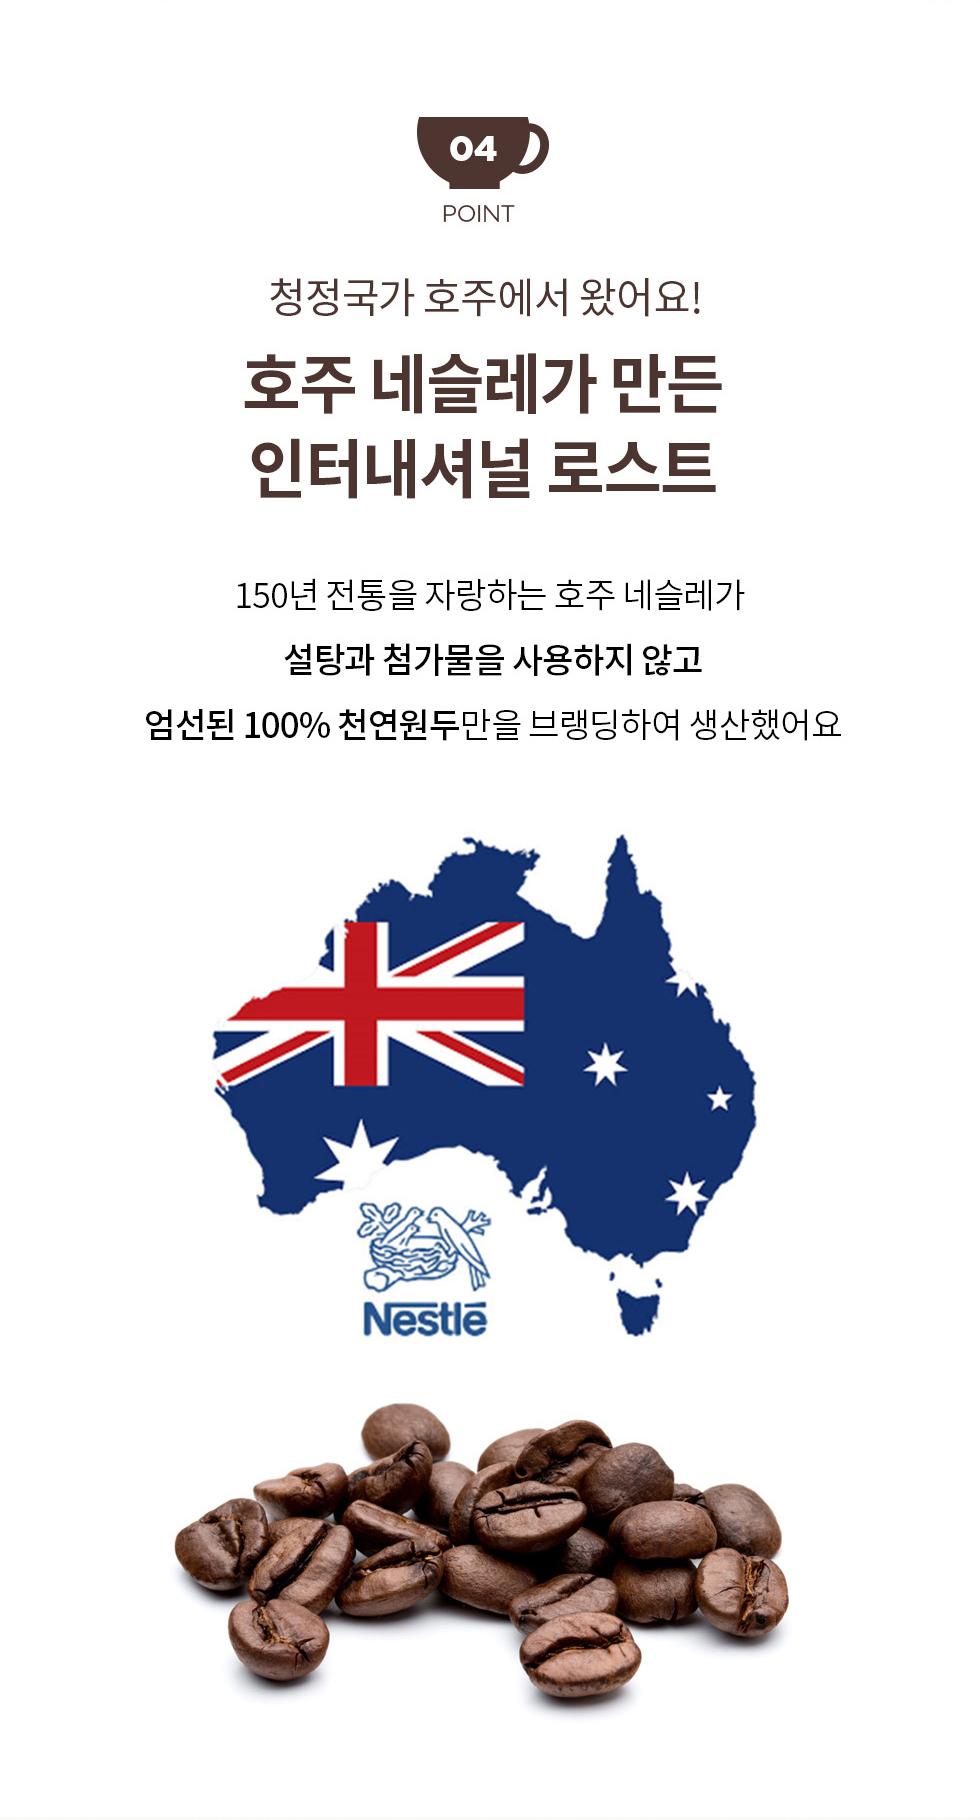 인터내셔널-로스트-호주-커피_상세이미지_06.jpg